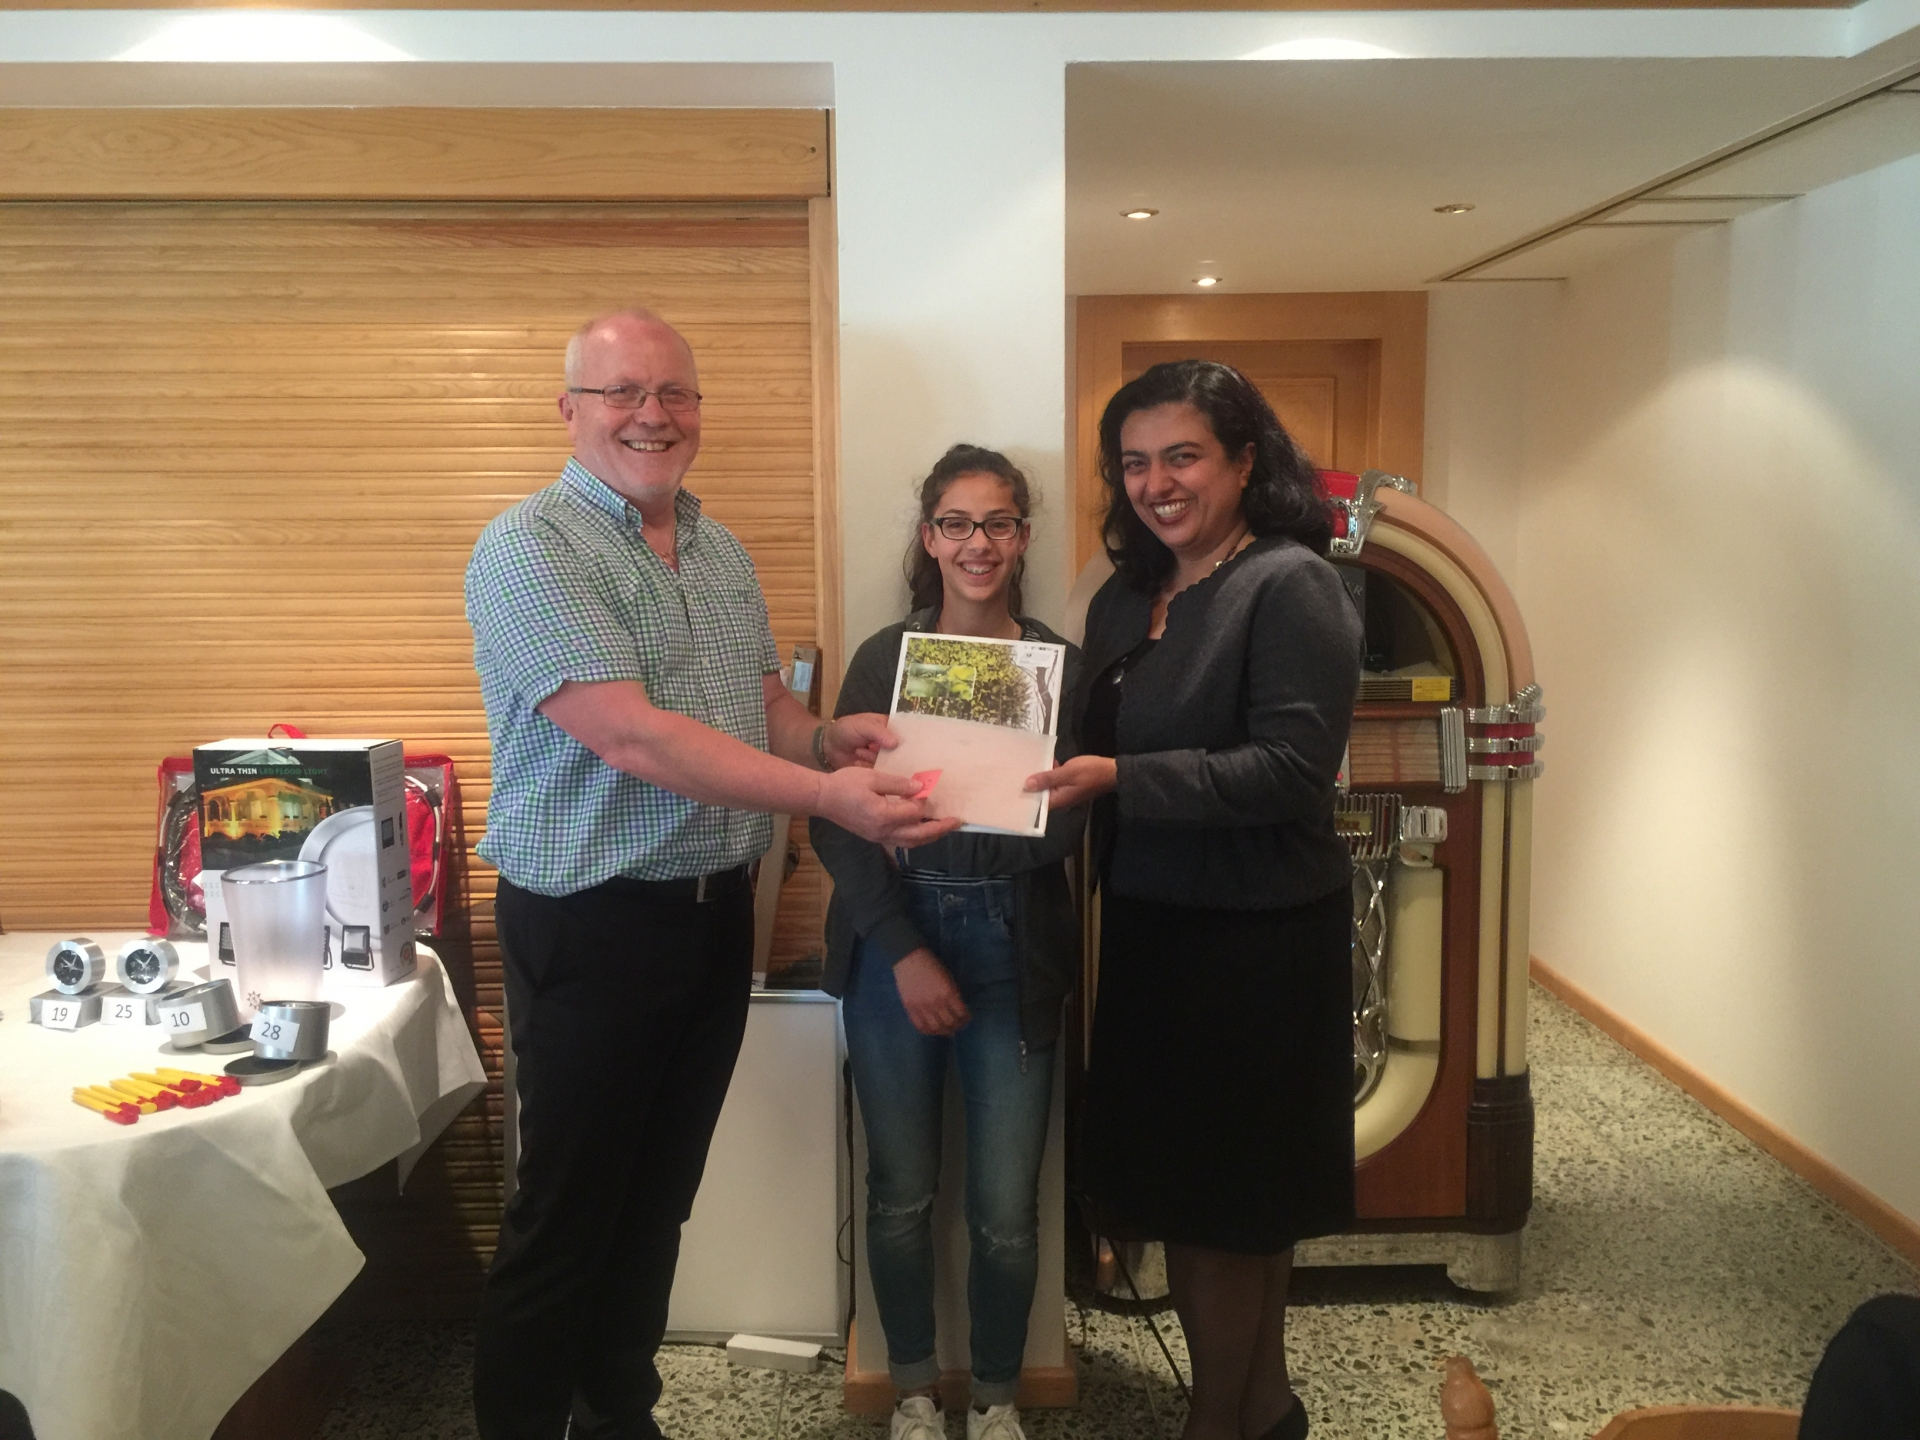 Jasmin Djamaseb, Speyer gewinnt ein Wellnesswochenende für 2 Personen bei der VdLA Verlosung